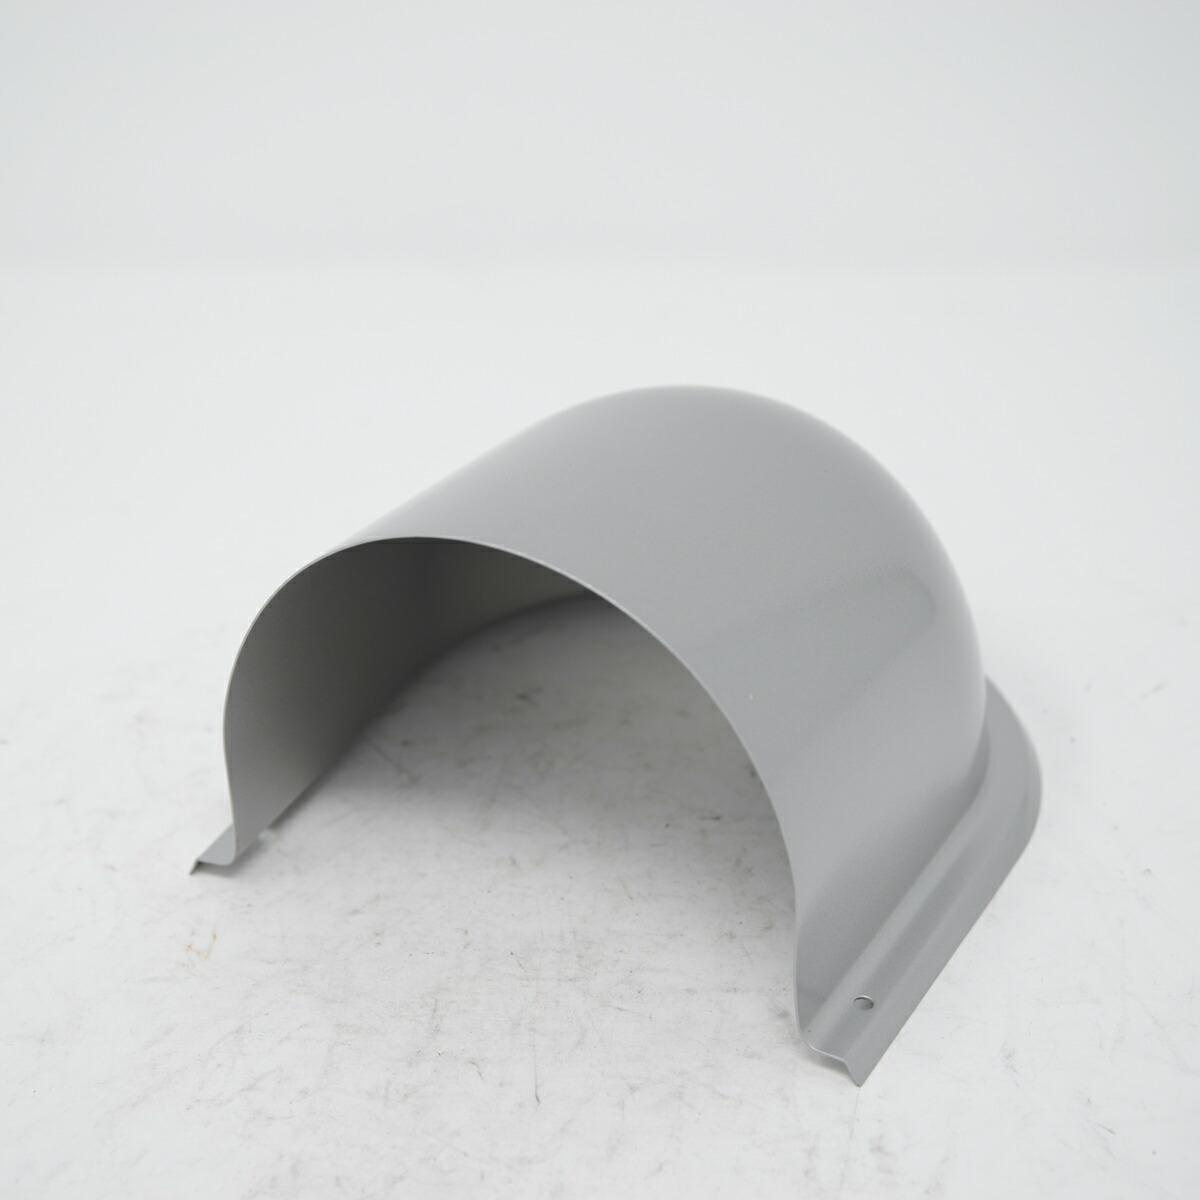 換気用ガラリのカバーです。 ガラリ 換気口 カバー のみ U型フードステンレス 100MG 屋根のあるテラス バルコニー 下部開放タイプ 新築 リフォーム DIY 住宅 外壁換気 自然吸排気用品 強制給排気口部品